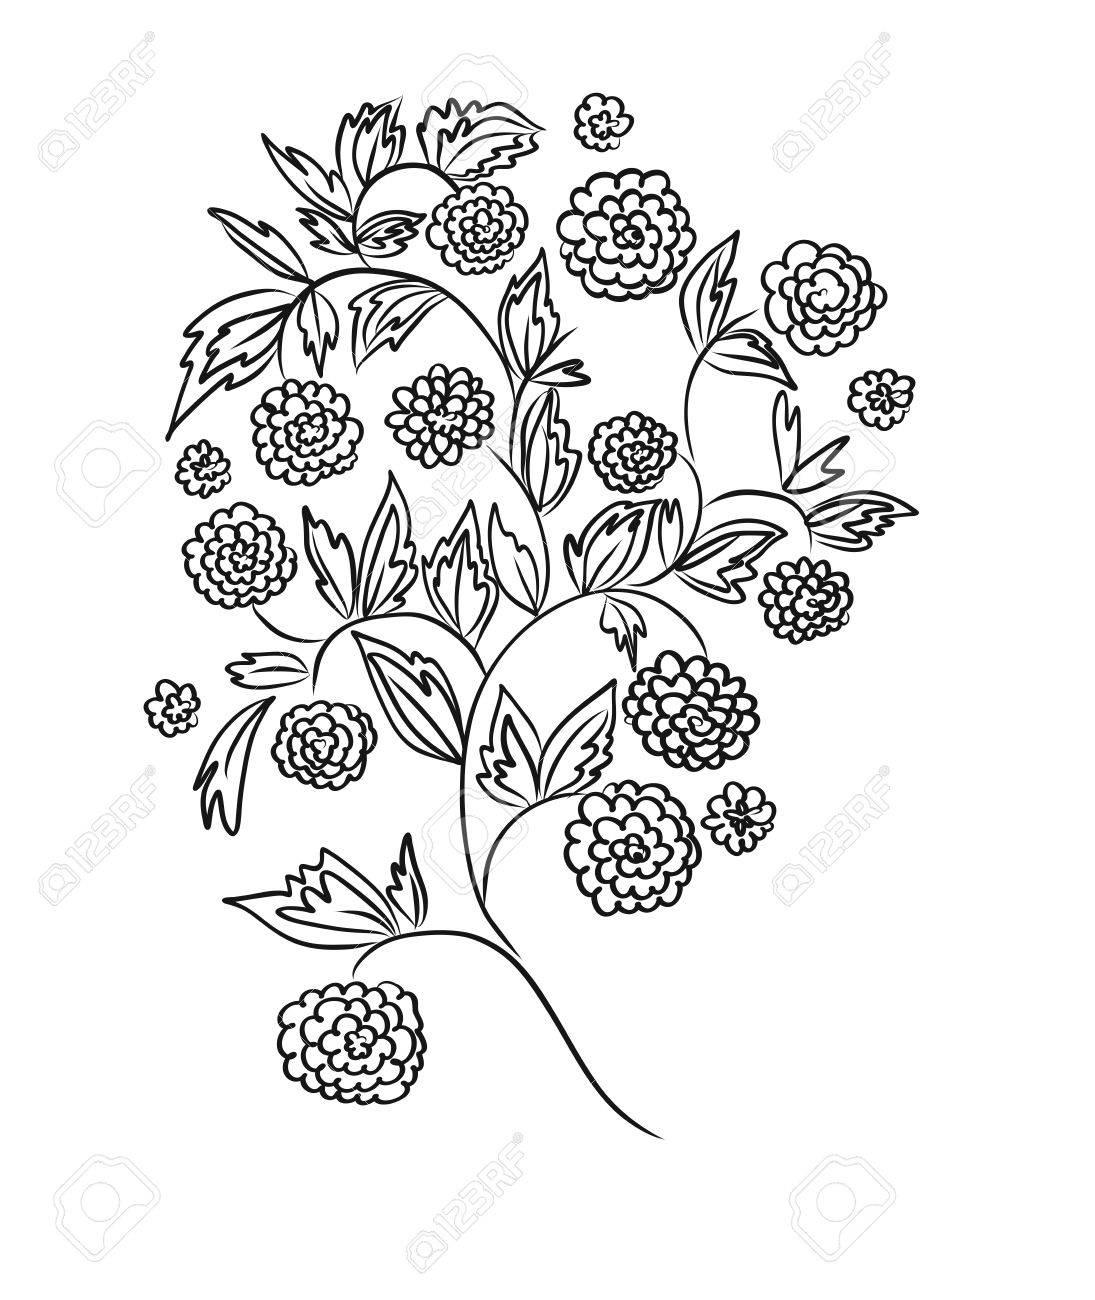 Diseño Floral, Patrón De Bordado. Blanco Y Negro Ilustración ...